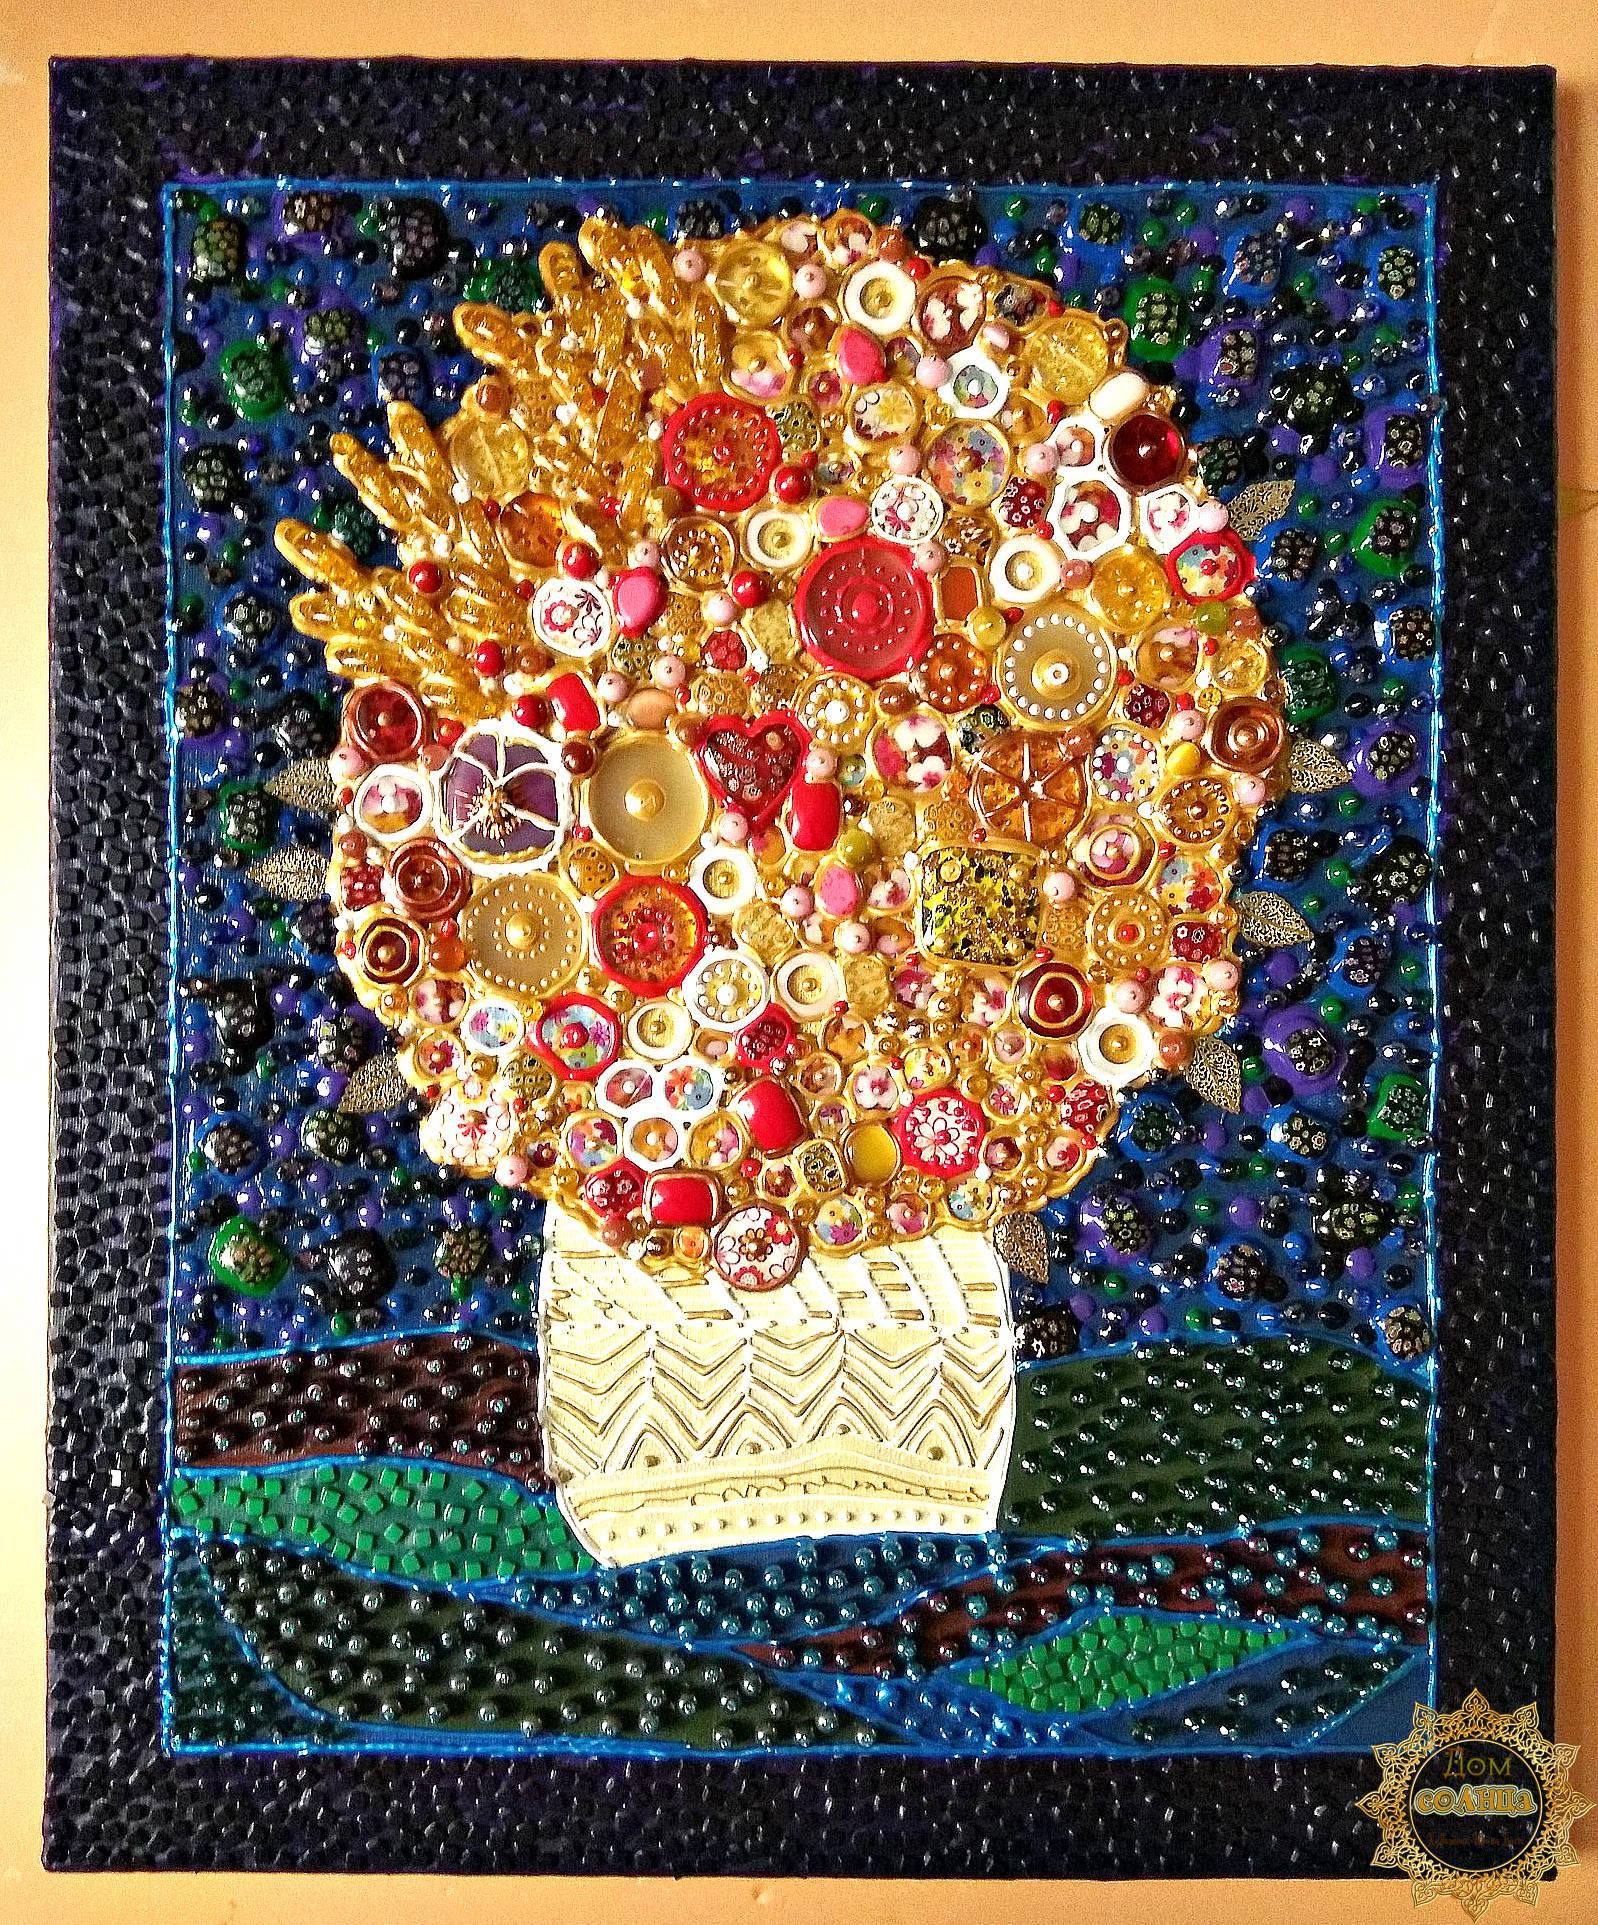 Декоративное панно из полудрагоценных камней и муранского (венецианского) стекла Солнечный букет по мотивам работ испанского художника Хуана Ромеро (Juan Romero)